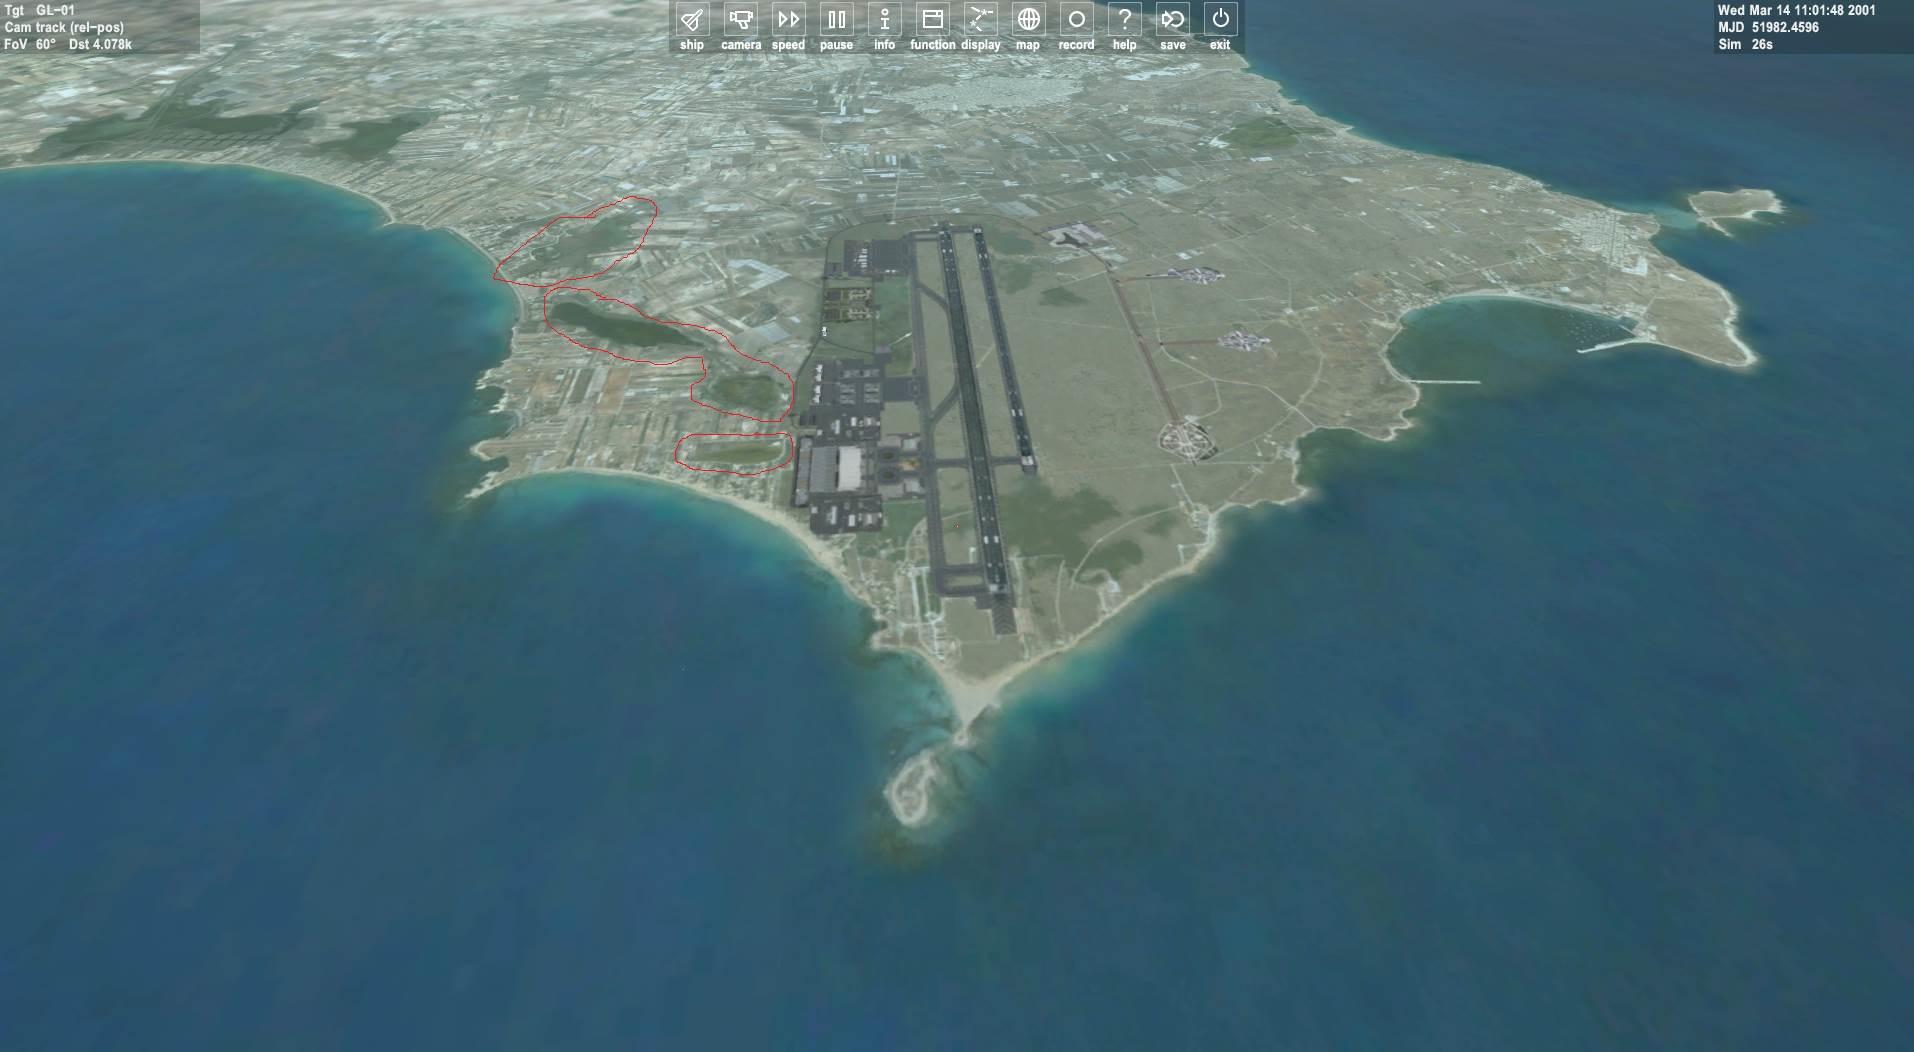 Sviluppo di una base italiana - Sede ASVI - Pagina 28 Luzn9t10